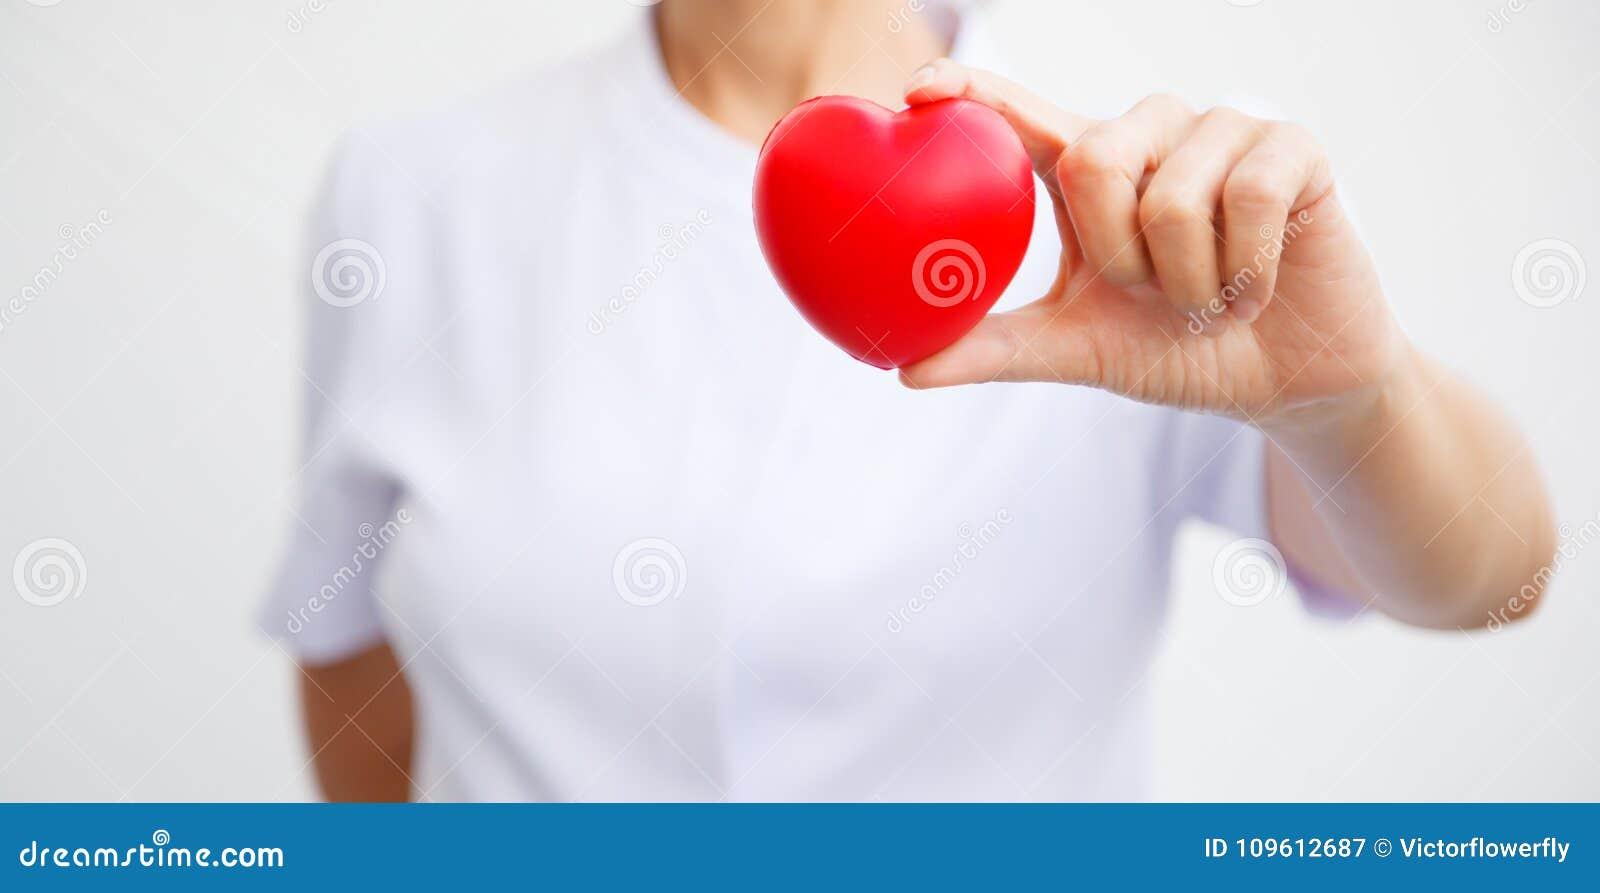 Εκλεκτική εστίαση της κόκκινης καρδιάς που κατέχει το θηλυκό χέρι νοσοκόμων ` s, που αντιπροσωπεύει δίνοντας όλη την προσπάθεια ν